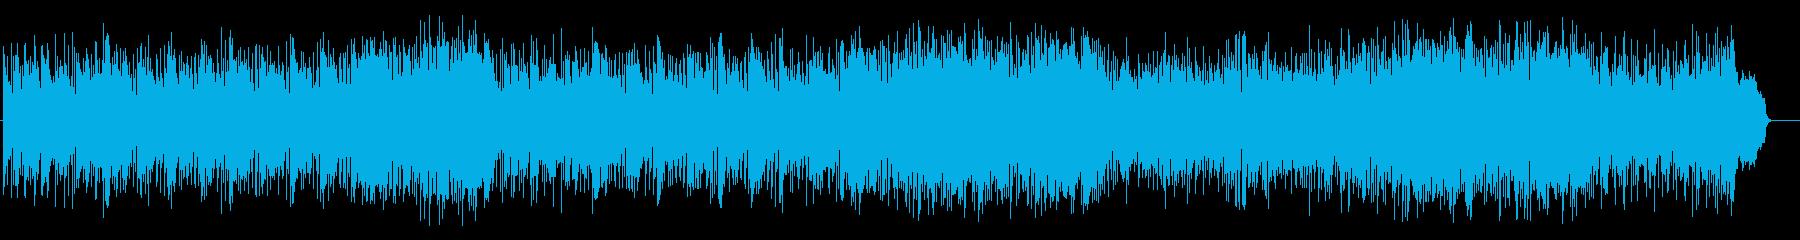 大人の軽快なフュージョン(フルサイズ)の再生済みの波形